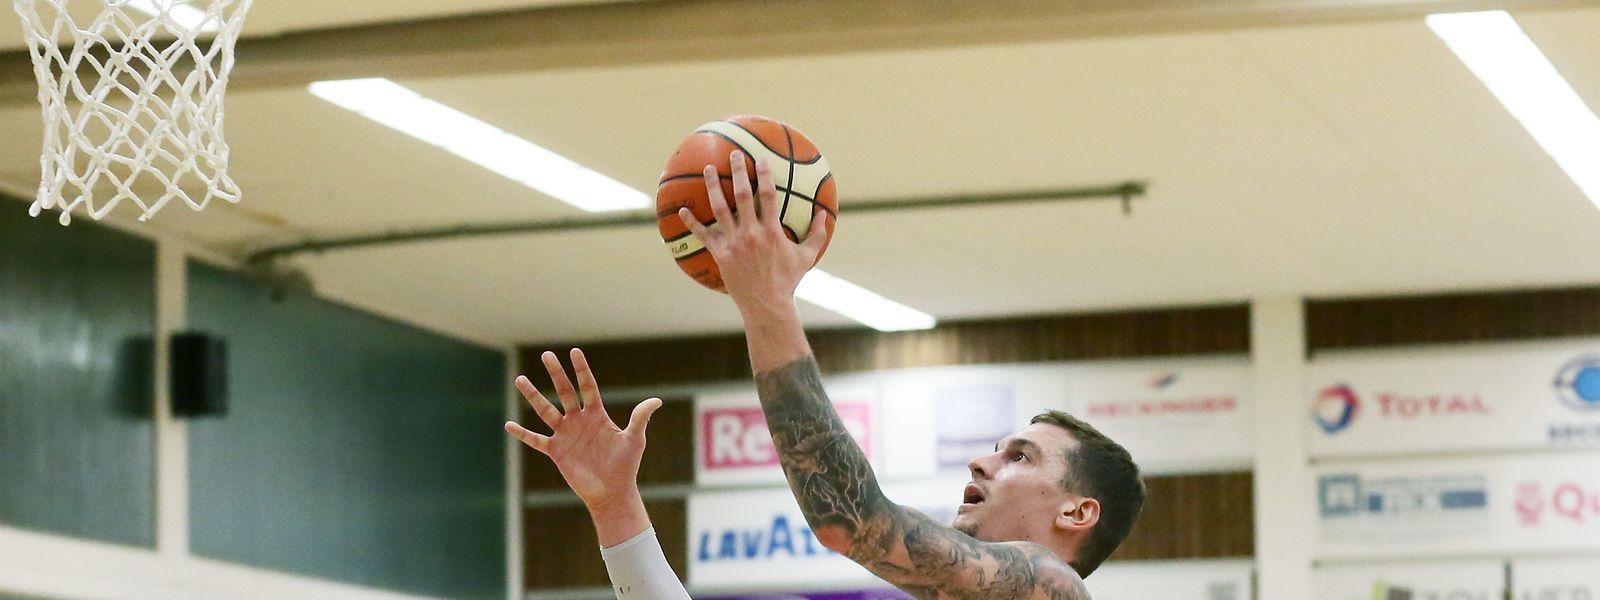 Alex Rodenbourg (Basket Esch) kann sich über seinen ersten Meistertitel freuen.